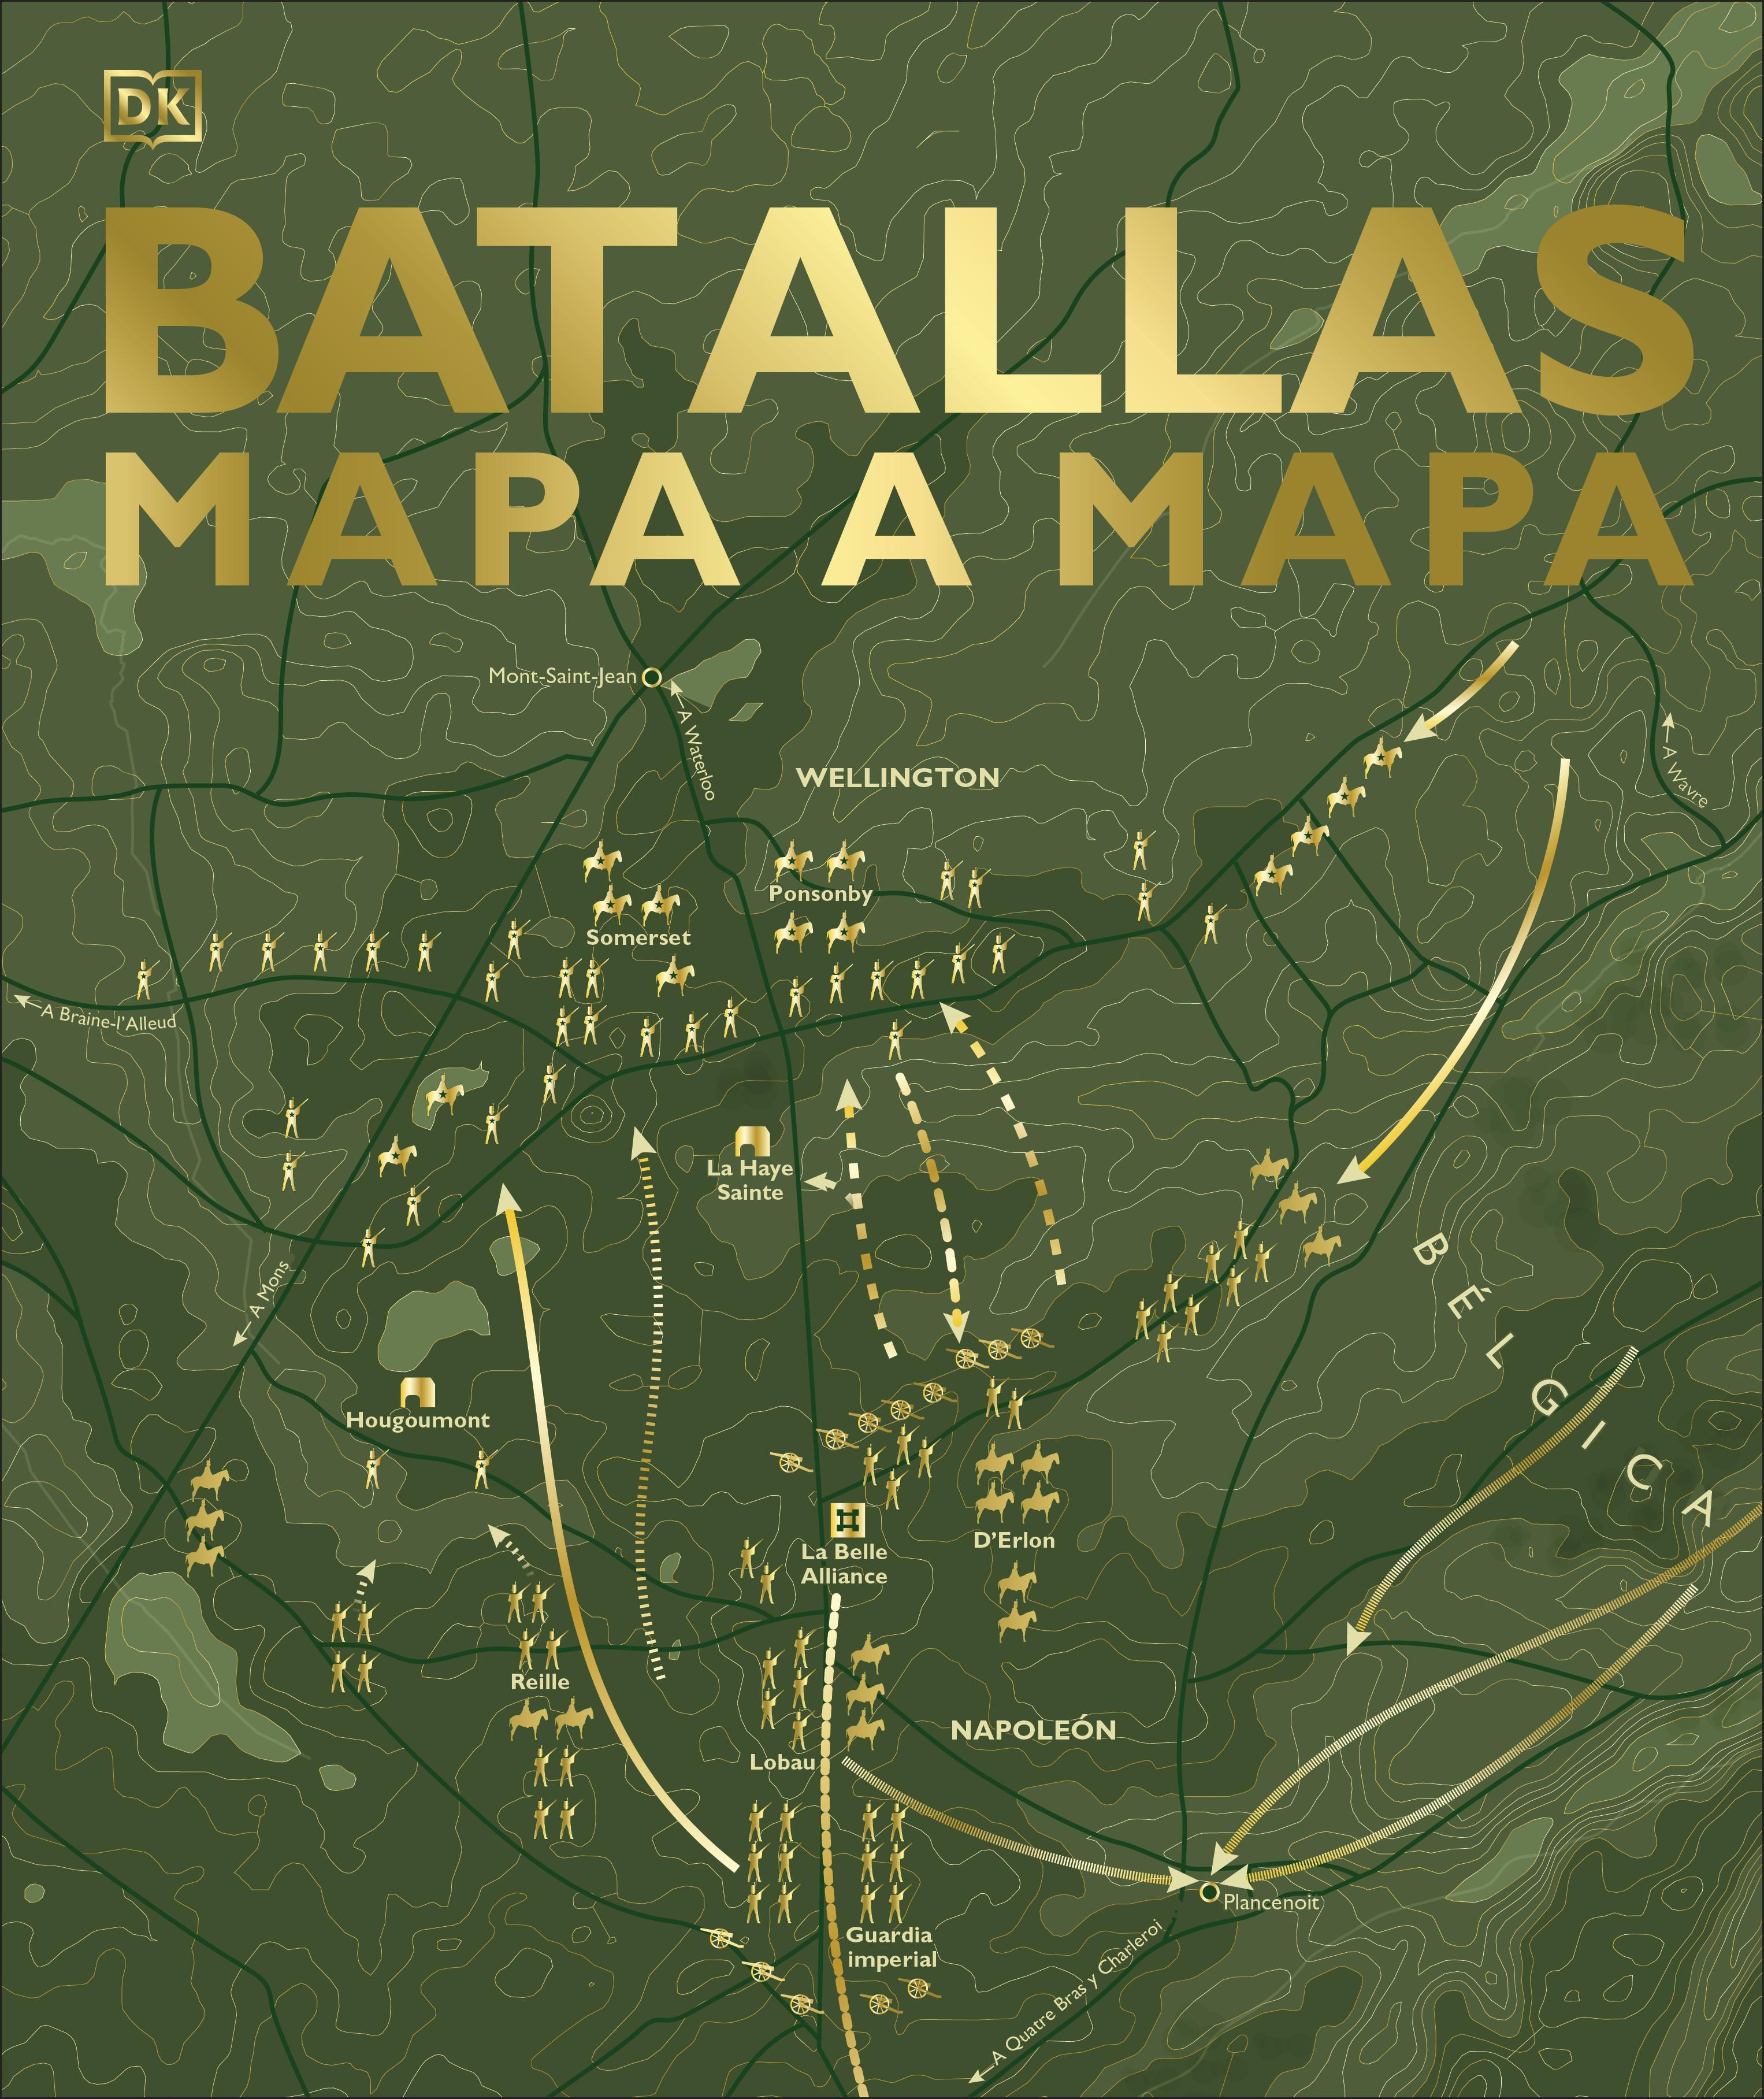 Batallas mapa a mapa